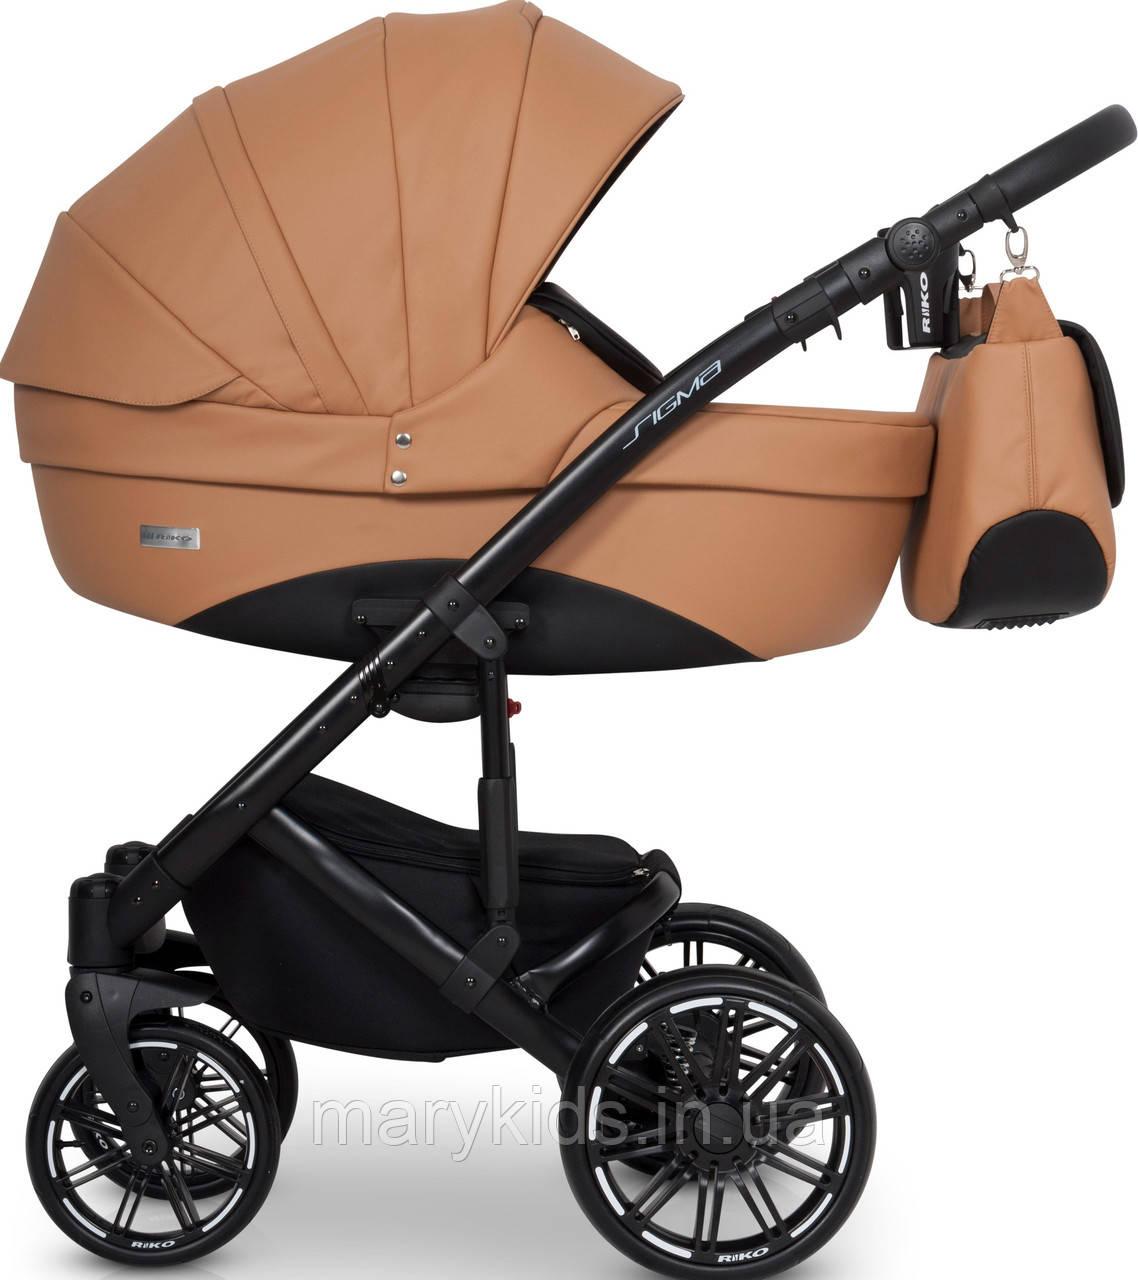 Дитяча універсальна коляска 3 в 1 Riko Sigma 03 Caramel